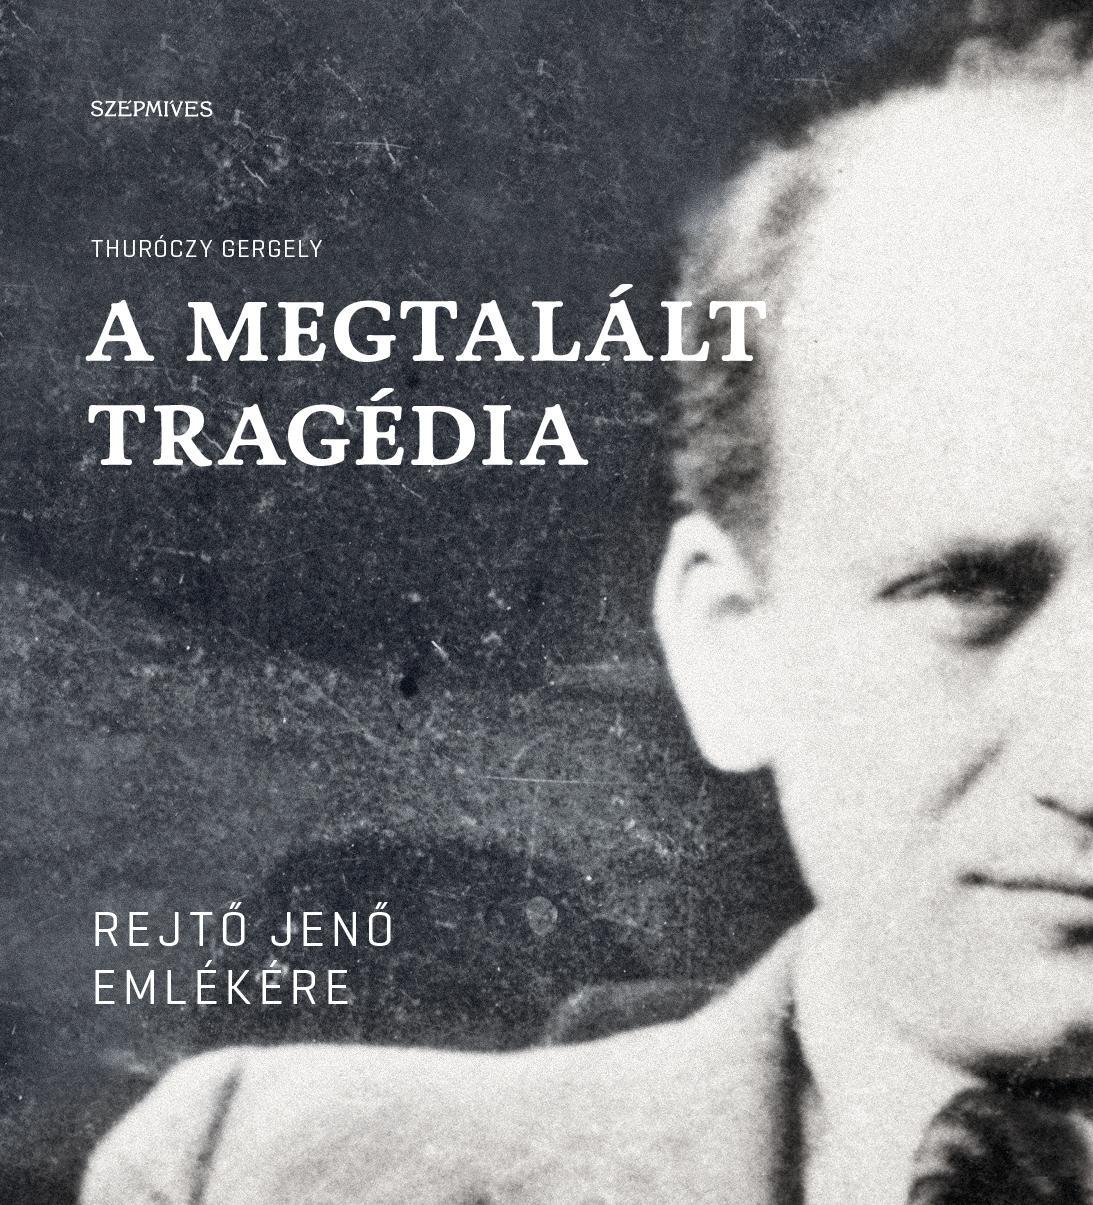 THURÓCZY GERGELY - A MEGTALÁLT TRAGÉDIA - REJTŐ JENŐ EMLÉKÉRE